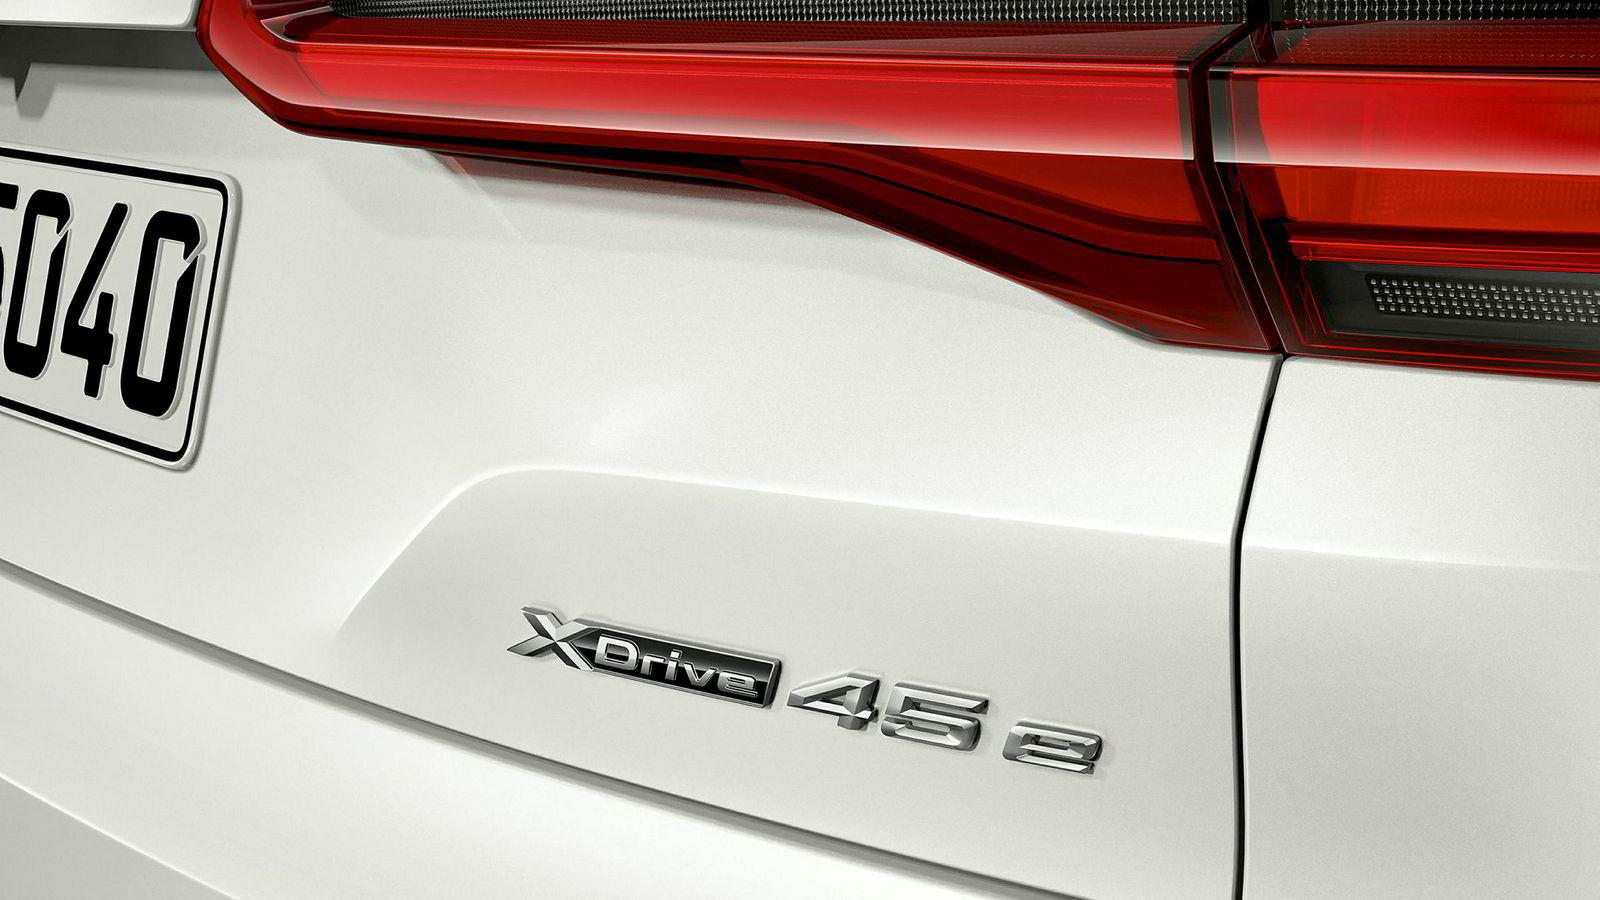 BMW kommer med en ny generasjon av X5 allerede i høst. Neste år kommer den ladbare hybriden med mye bedre elektrisk rekkevidde enn før.